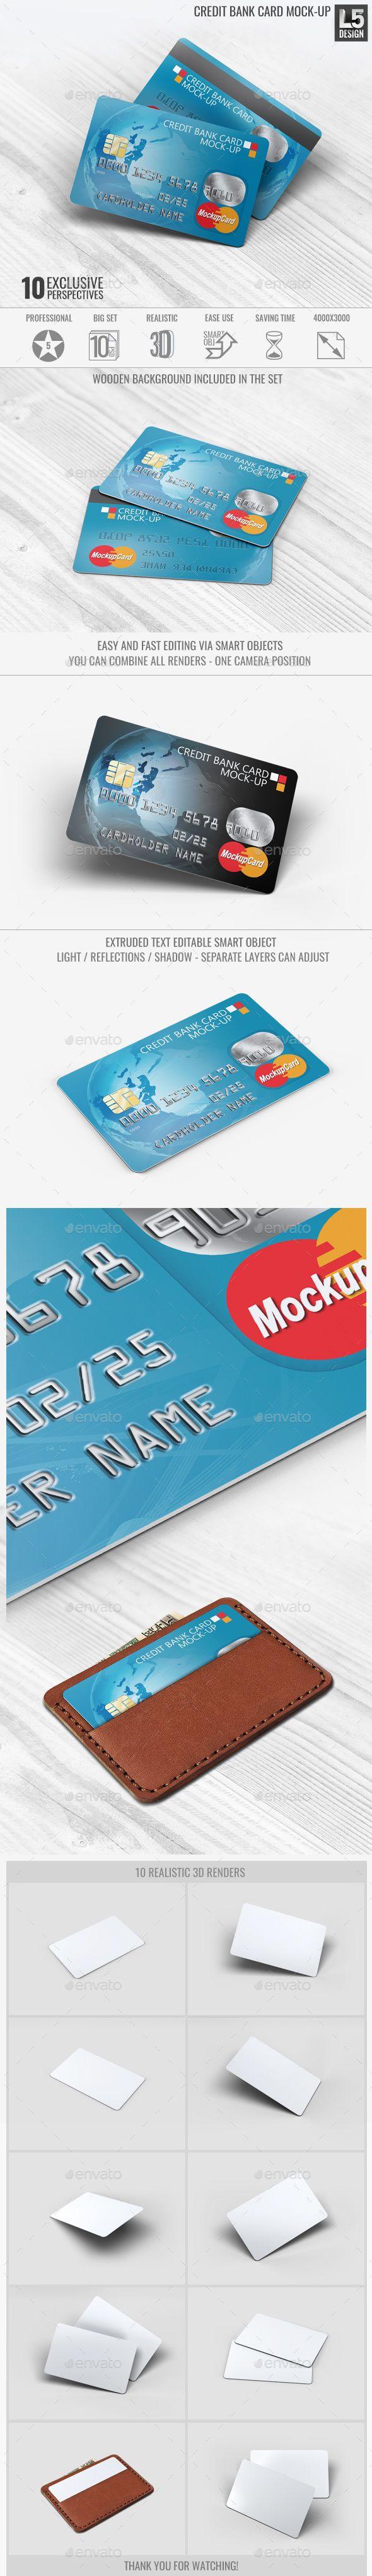 ace731b2e5a77f0b3063547cd0261649 credit card design bank card